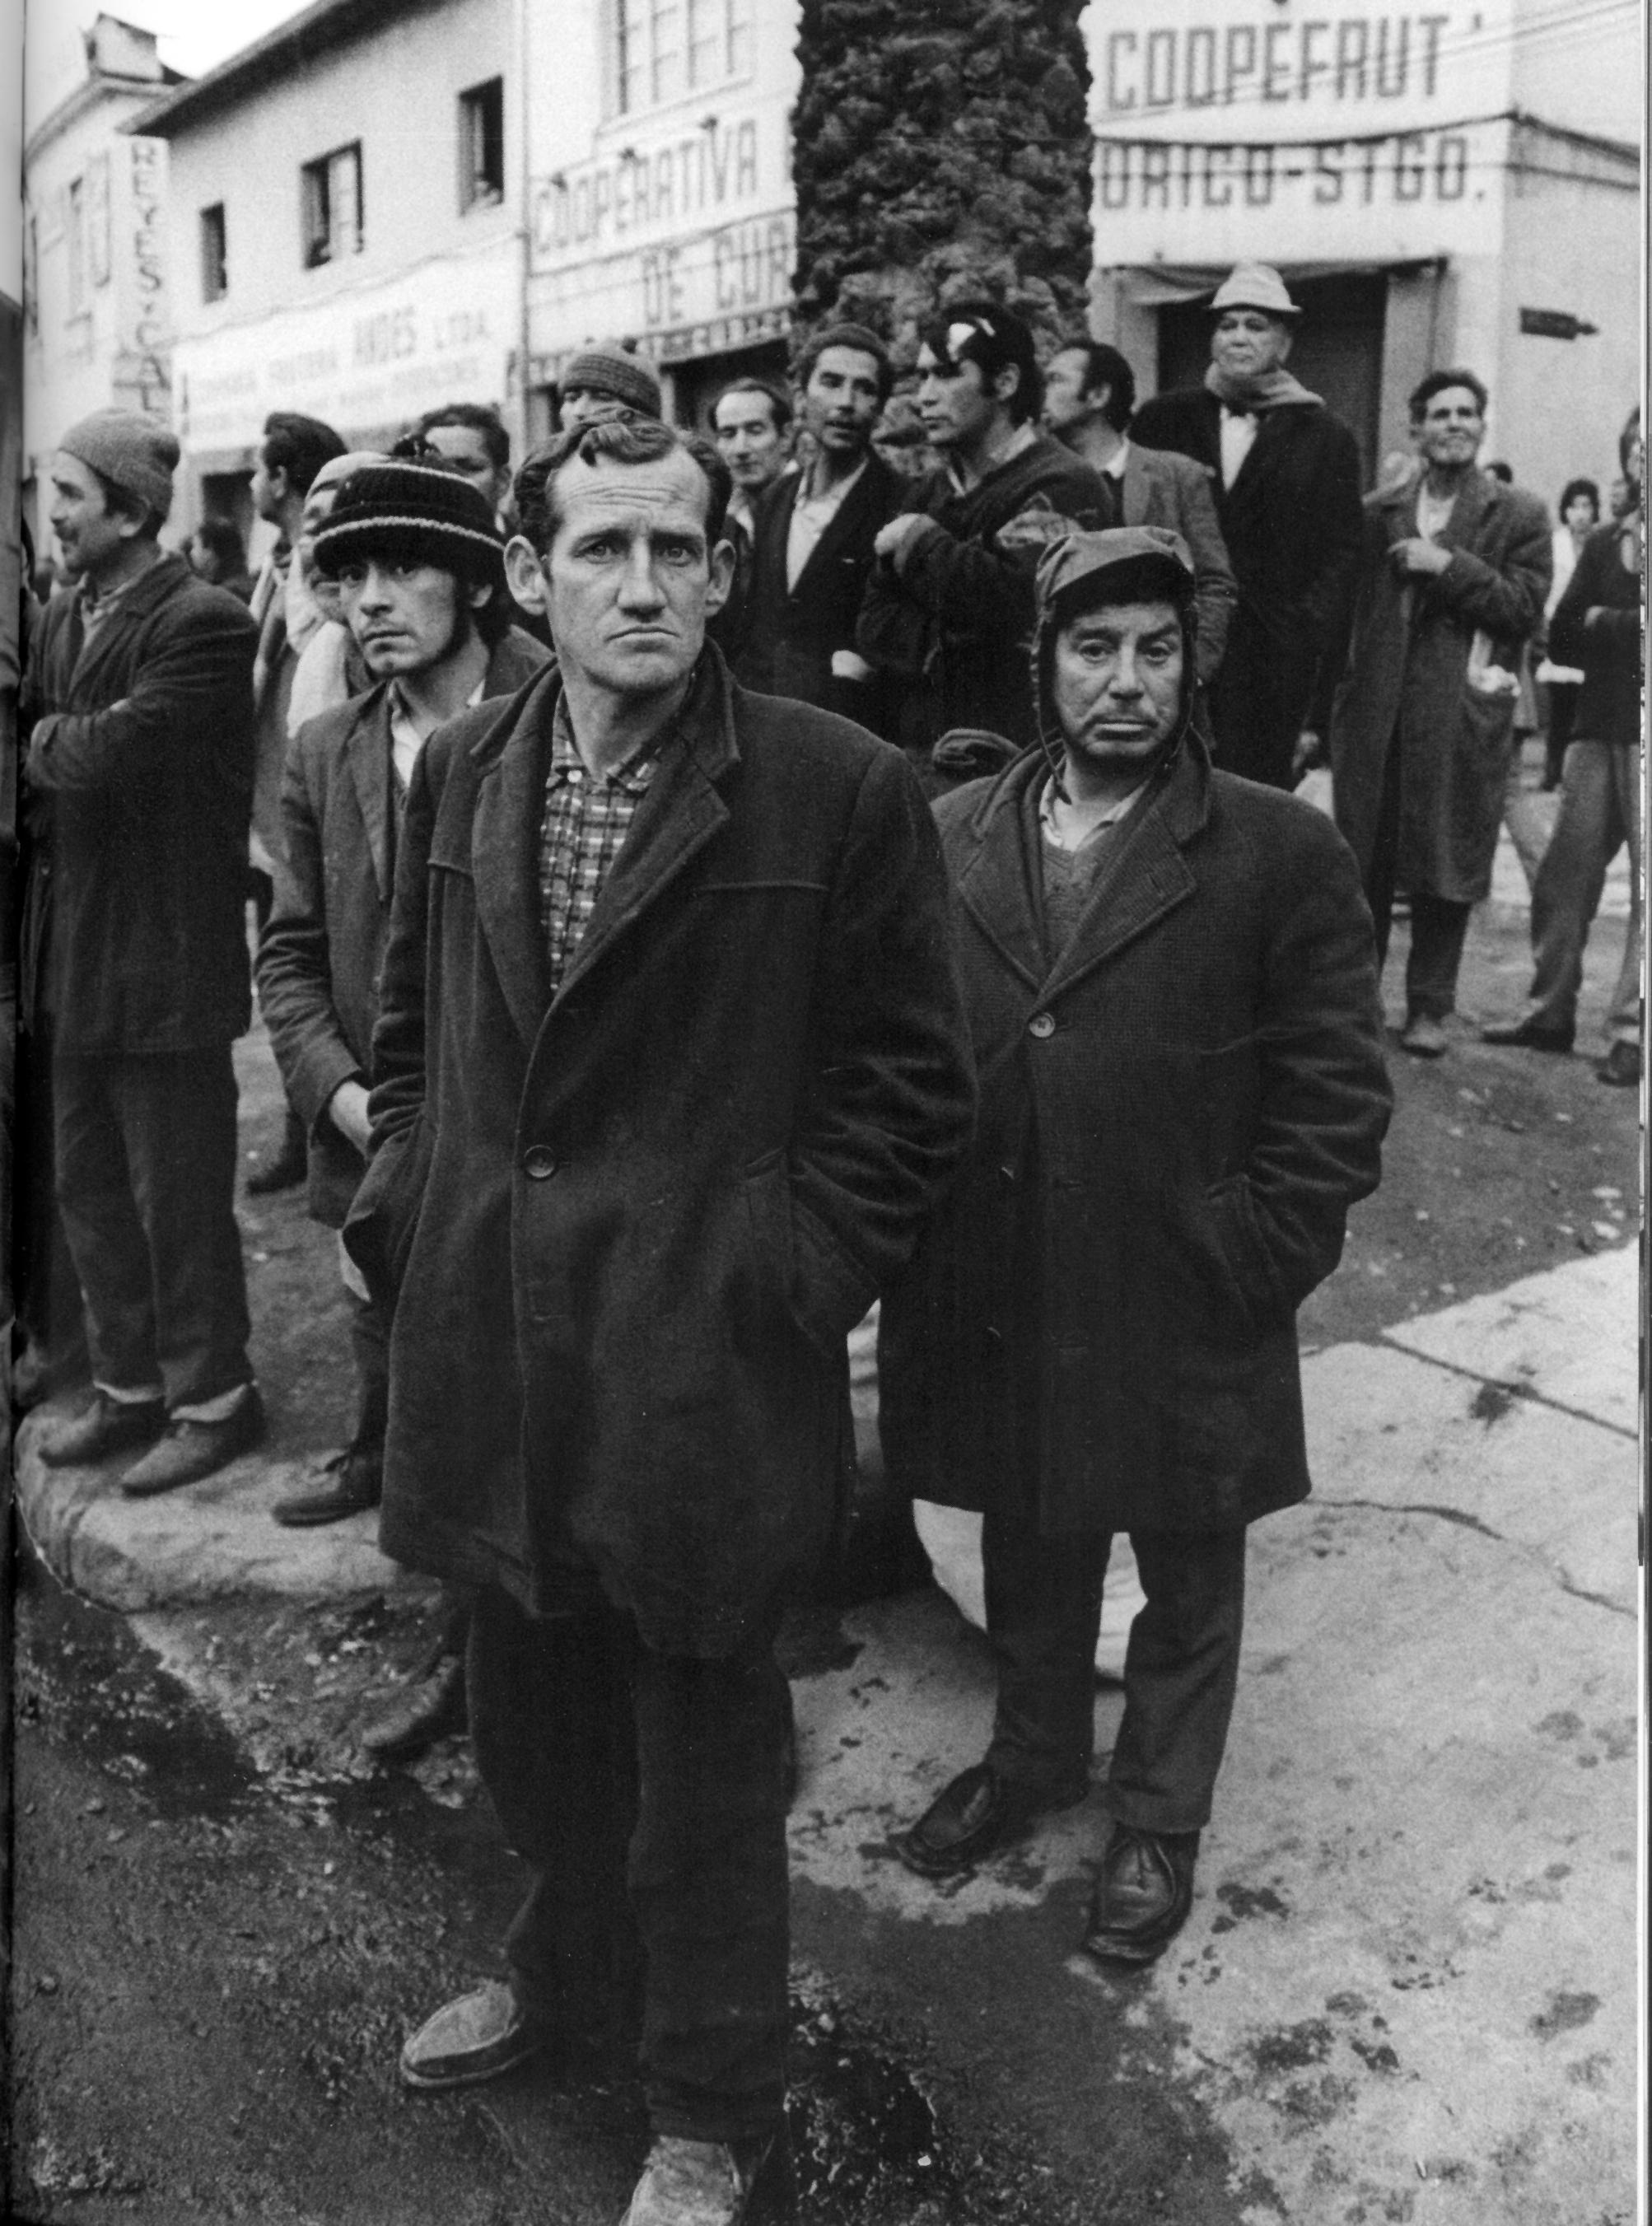 La dignidad de los postergados por décadas. Foto de Raymond Depardon.